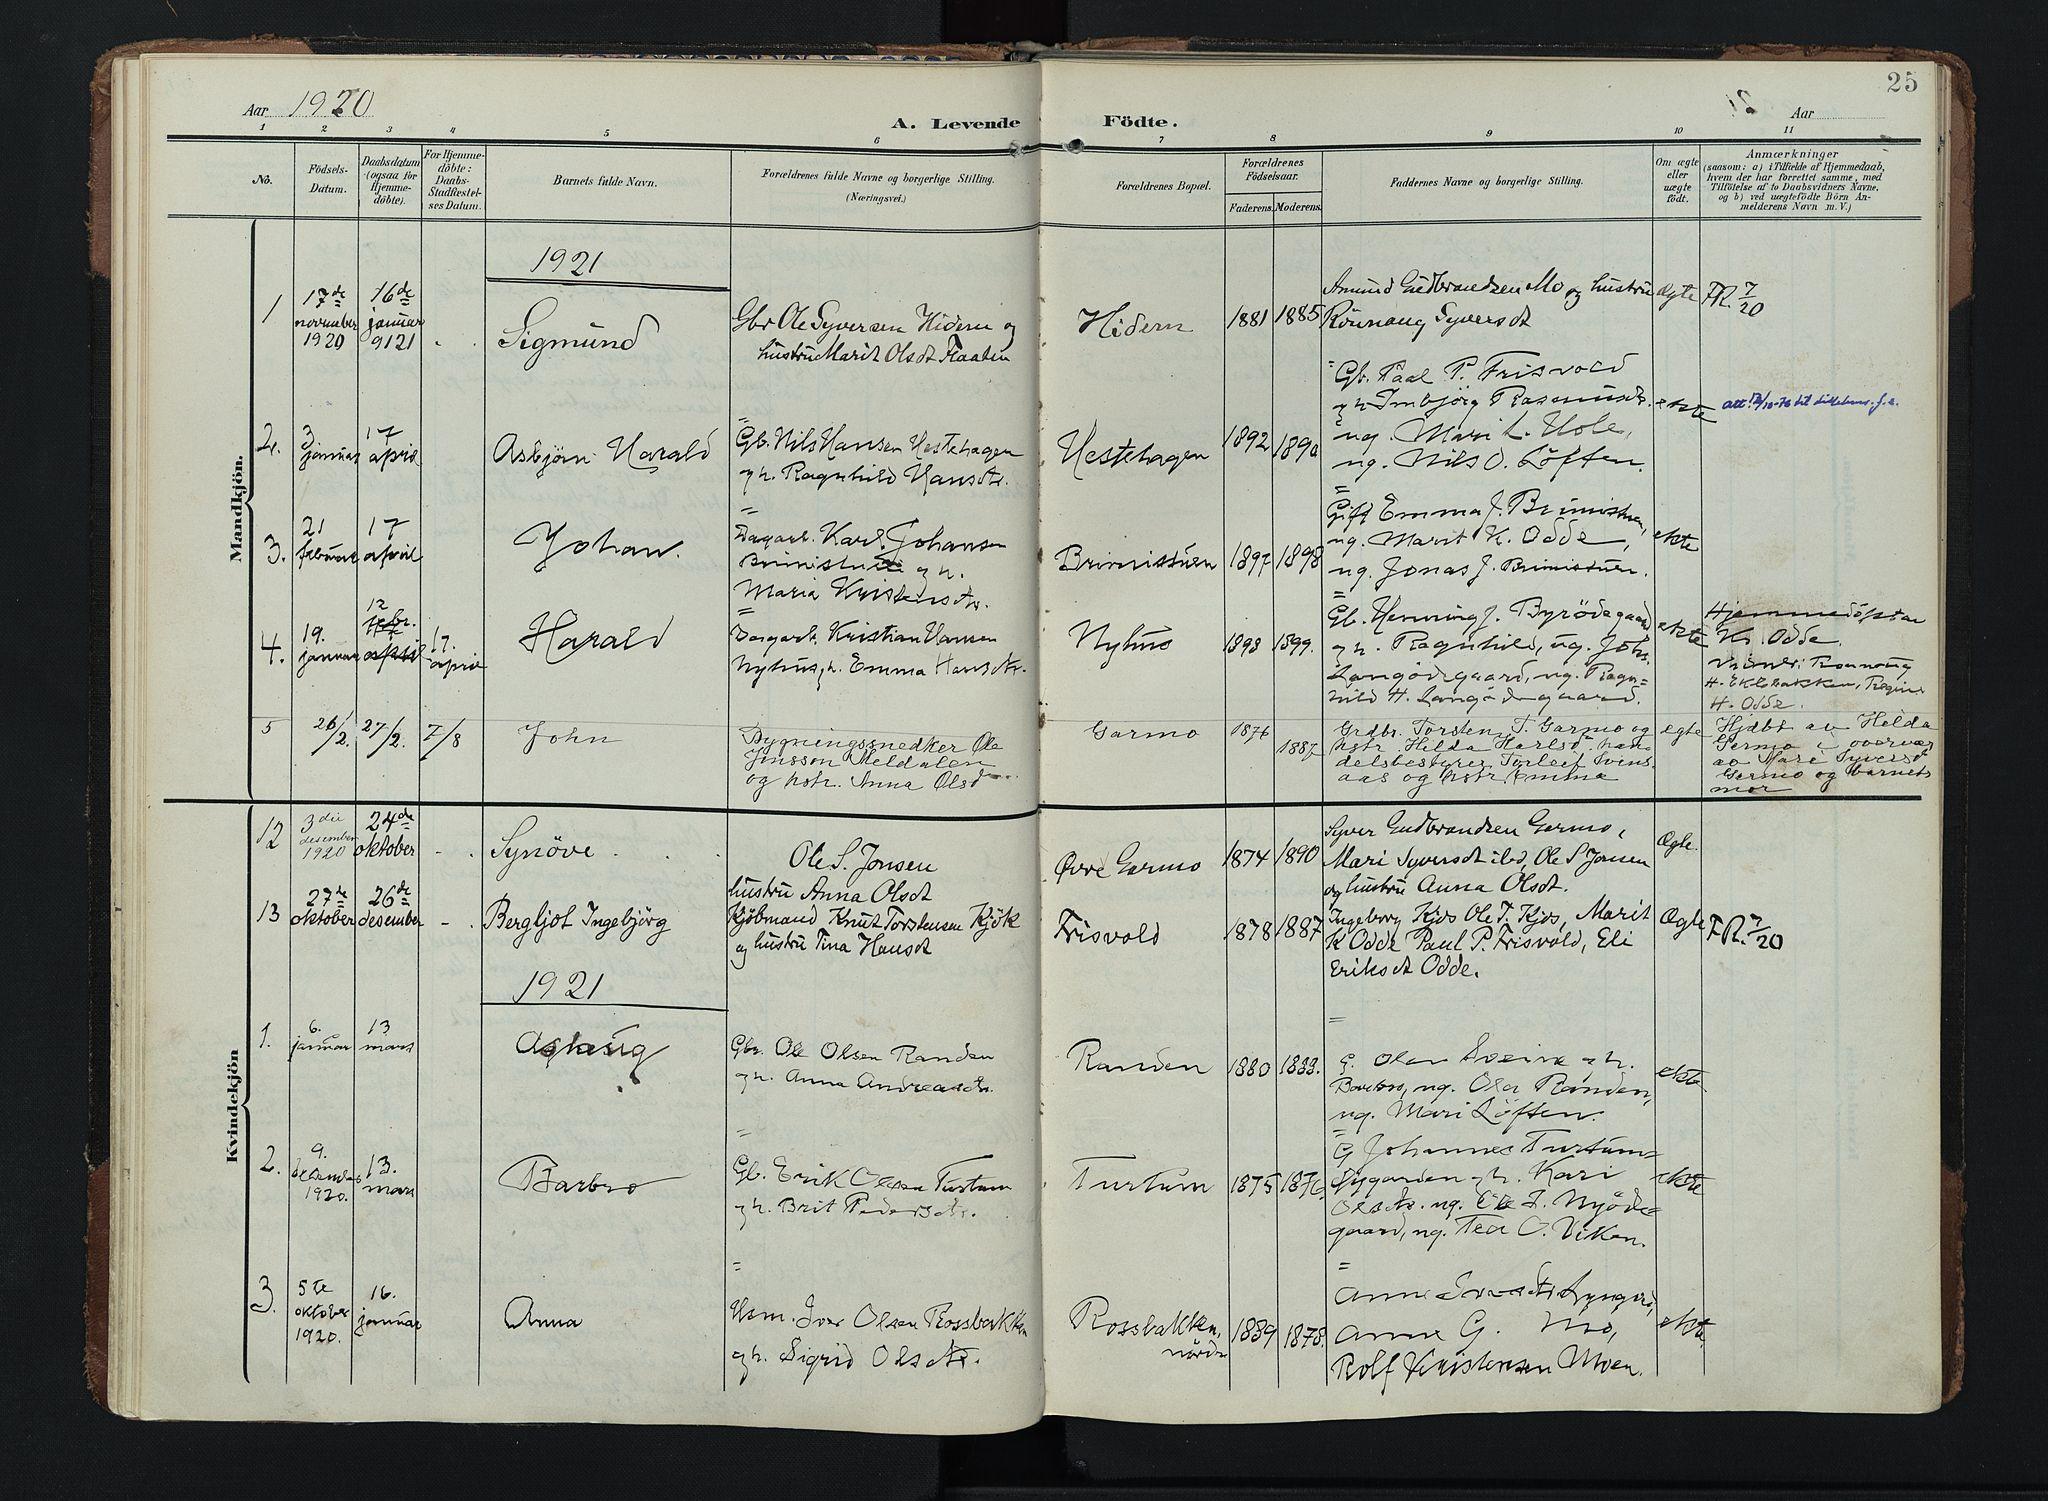 SAH, Lom prestekontor, K/L0011: Ministerialbok nr. 11, 1904-1928, s. 25